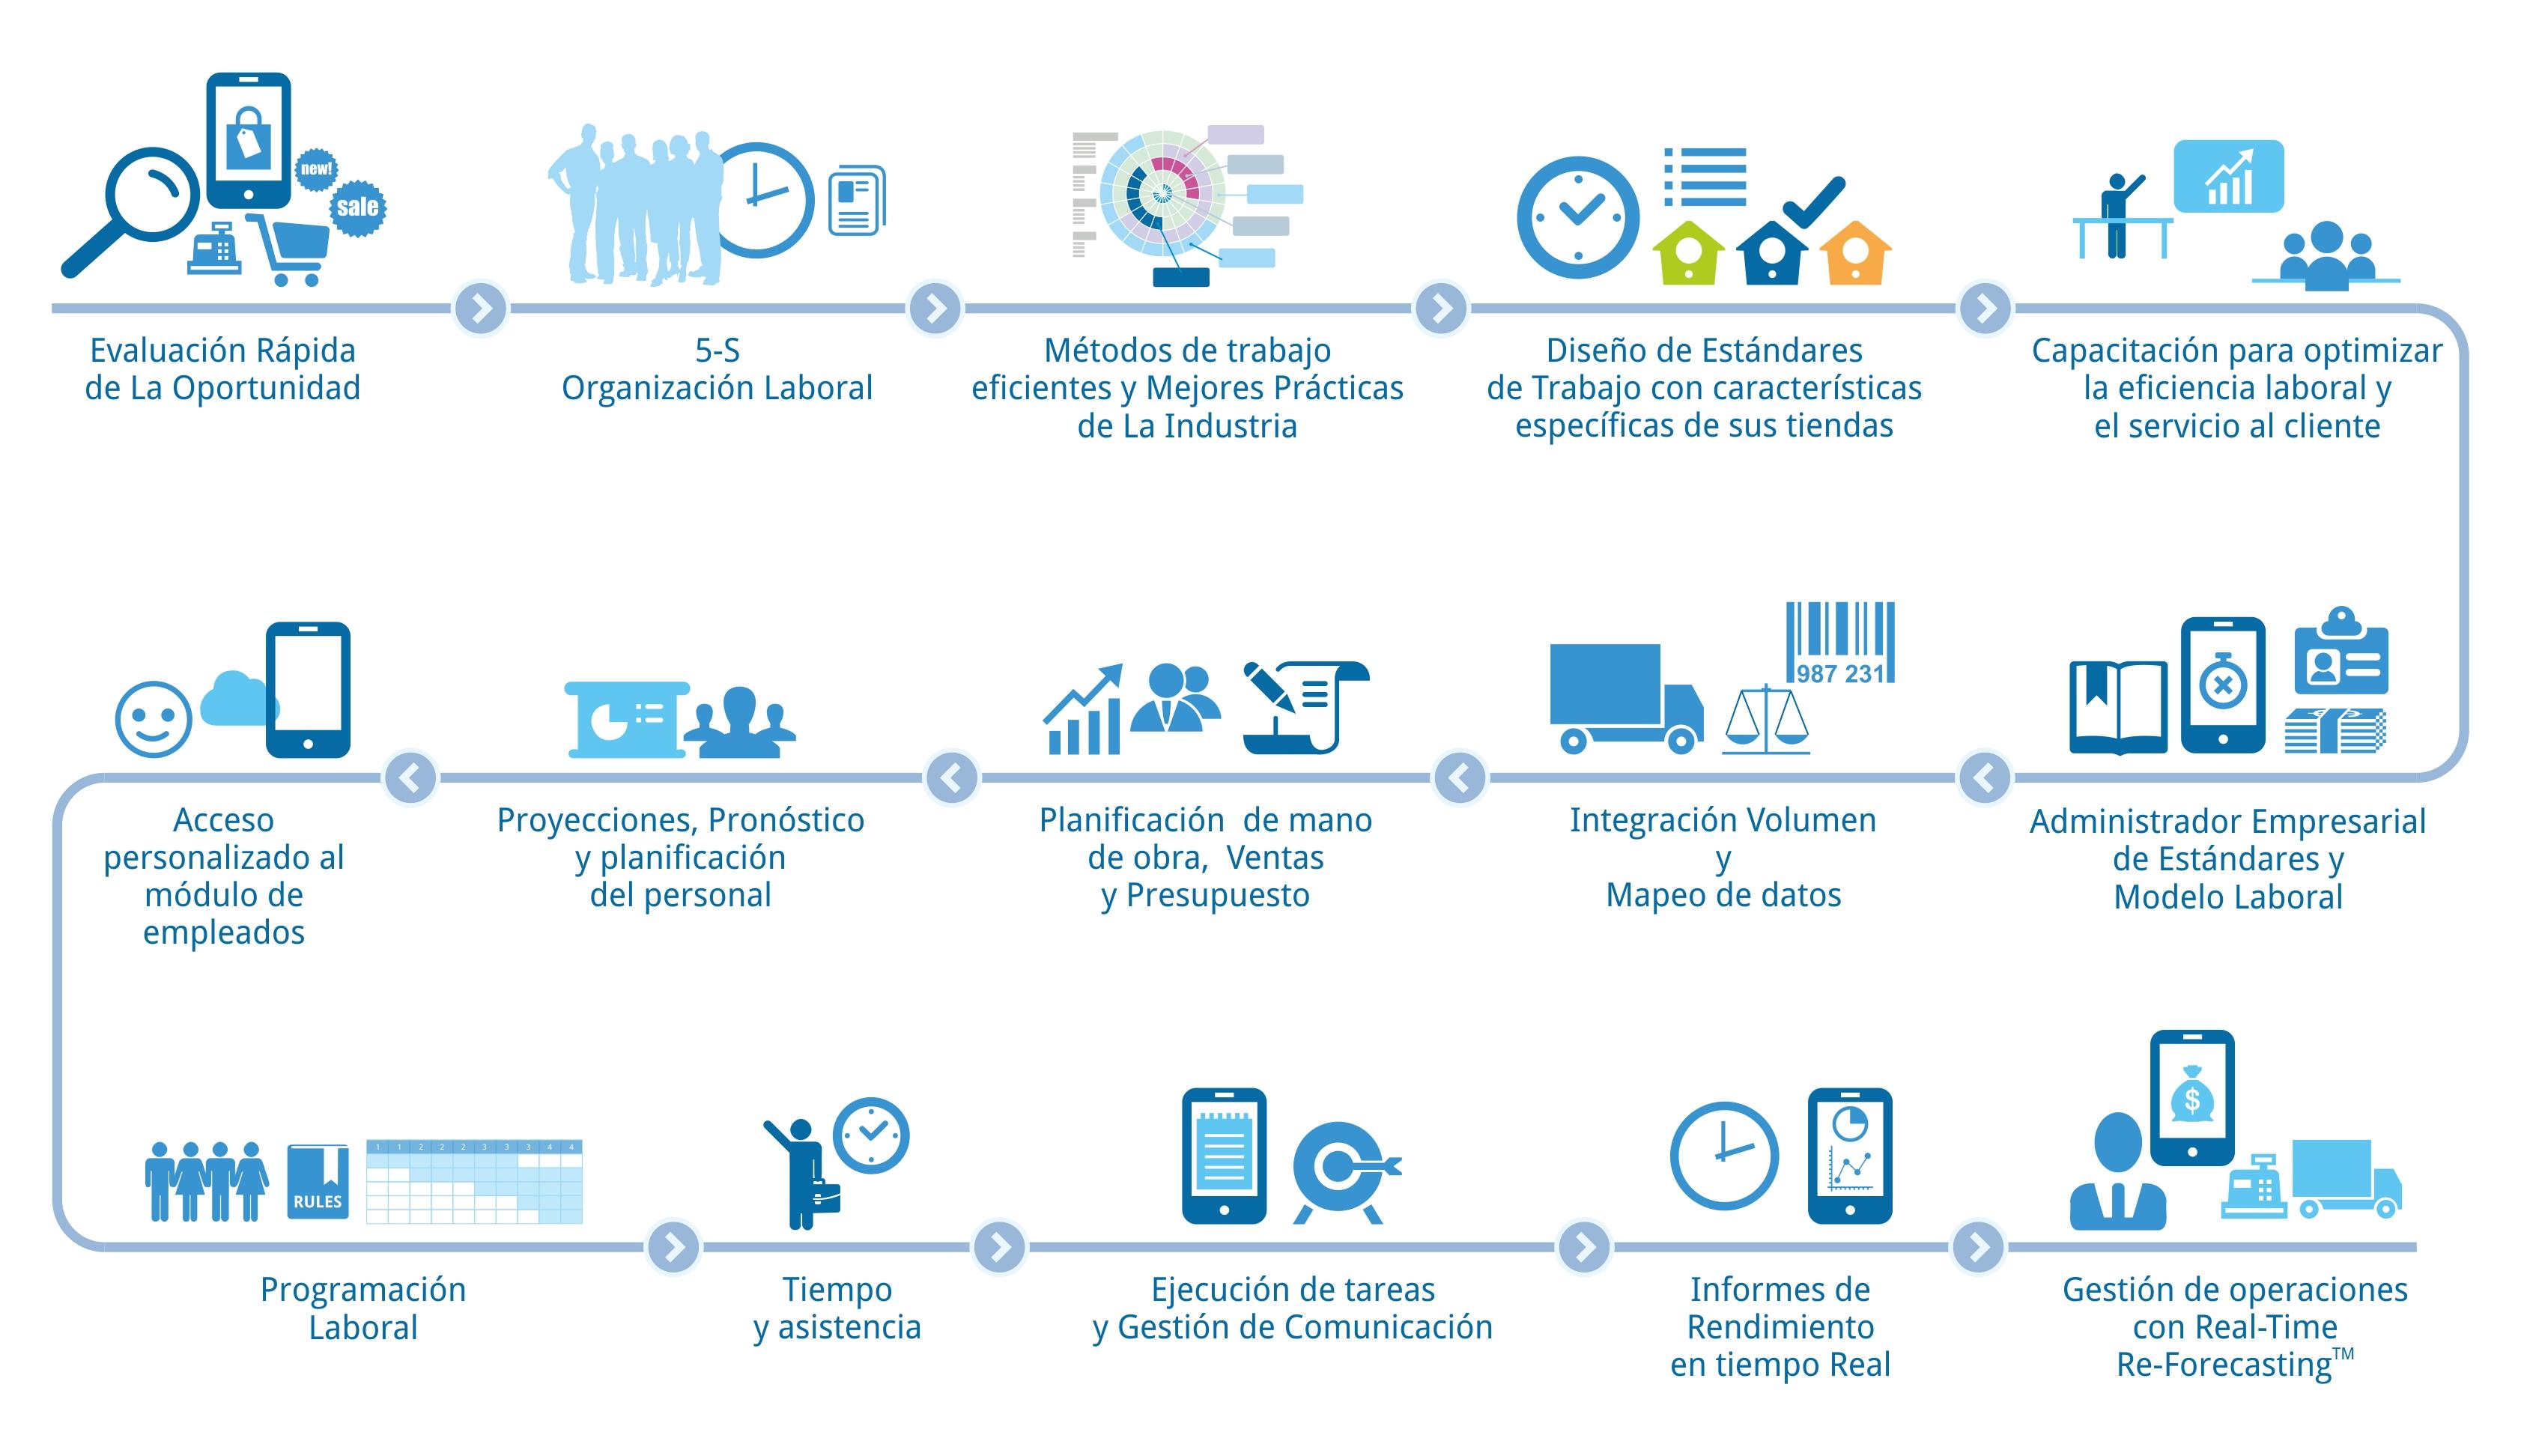 Diagrama de flujo logile process simplified dndole a los retailers un diagrama de flujo personalizable servicios profesionales y soluciones de software de la empresa guiando hacia la excelencia ccuart Choice Image